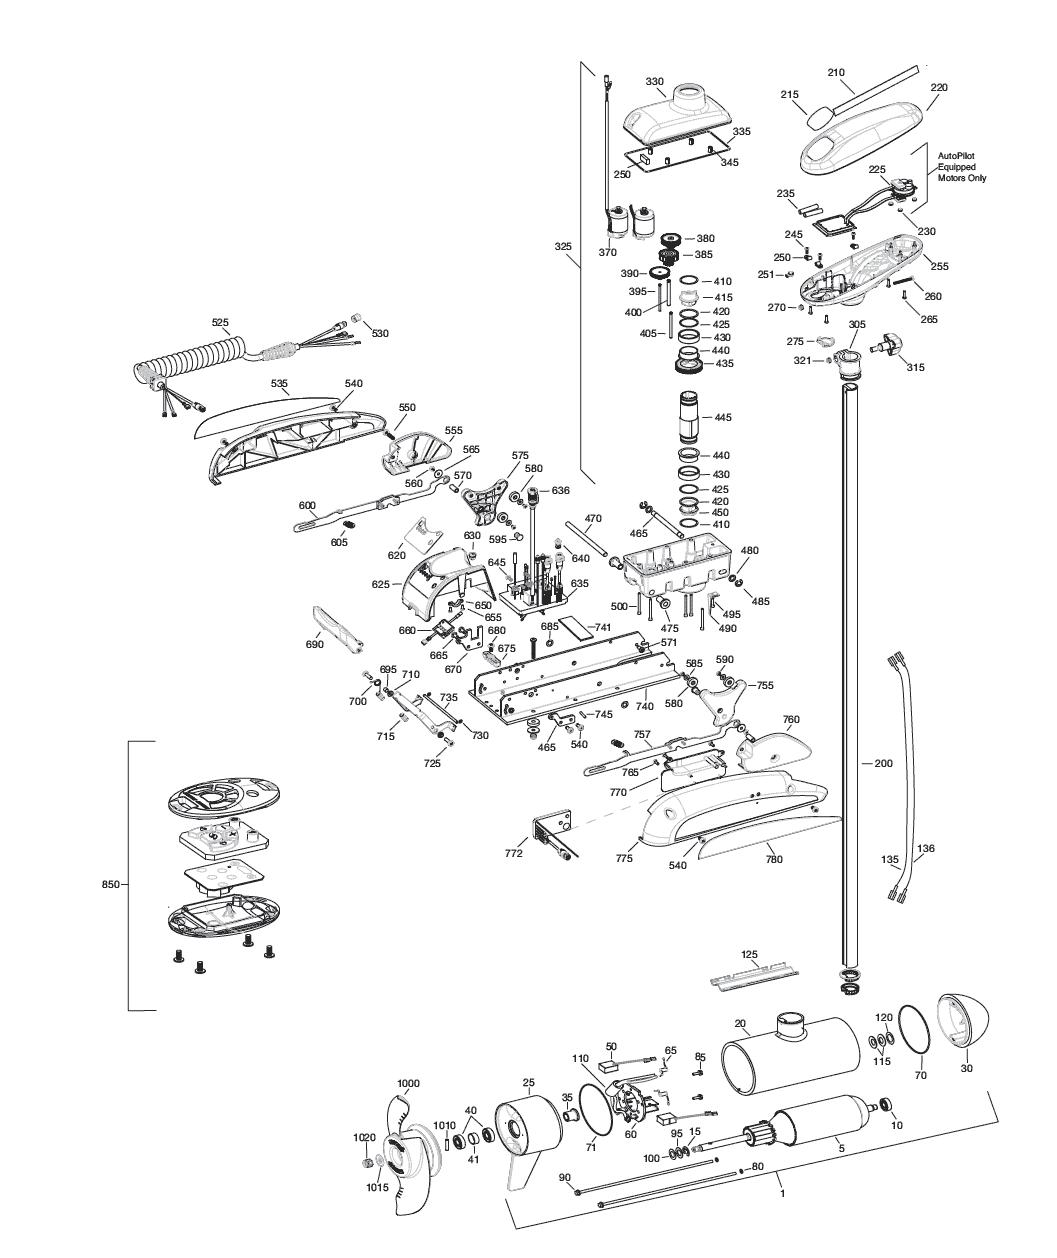 Minn Kota Riptide 112 St Parts